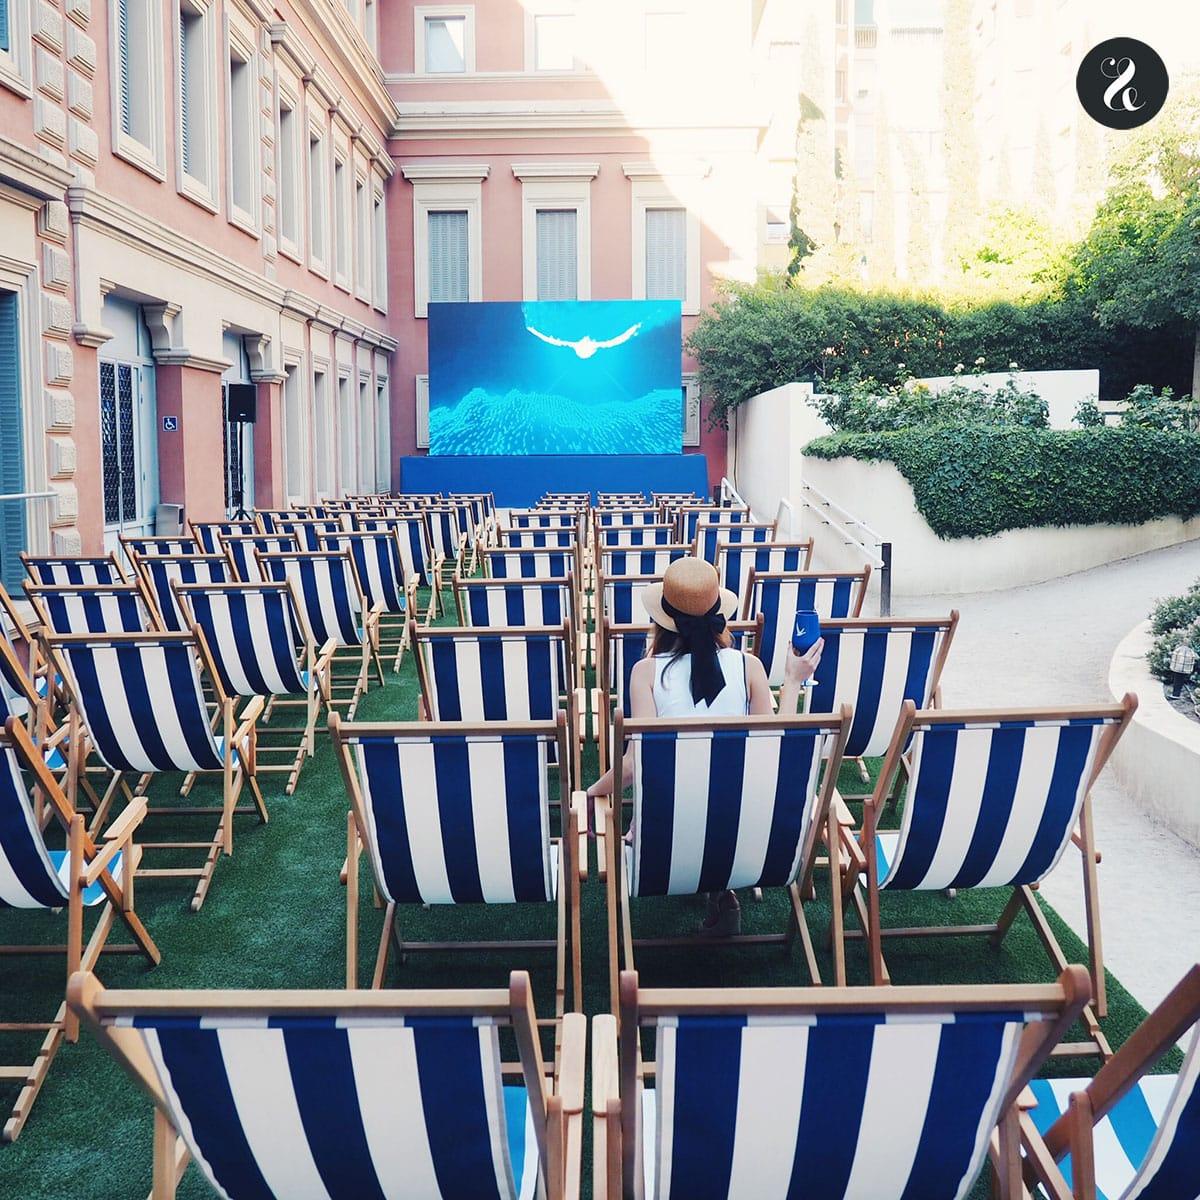 Cine francés de verano en la edición de L'Atelier Grey Goose de 2017